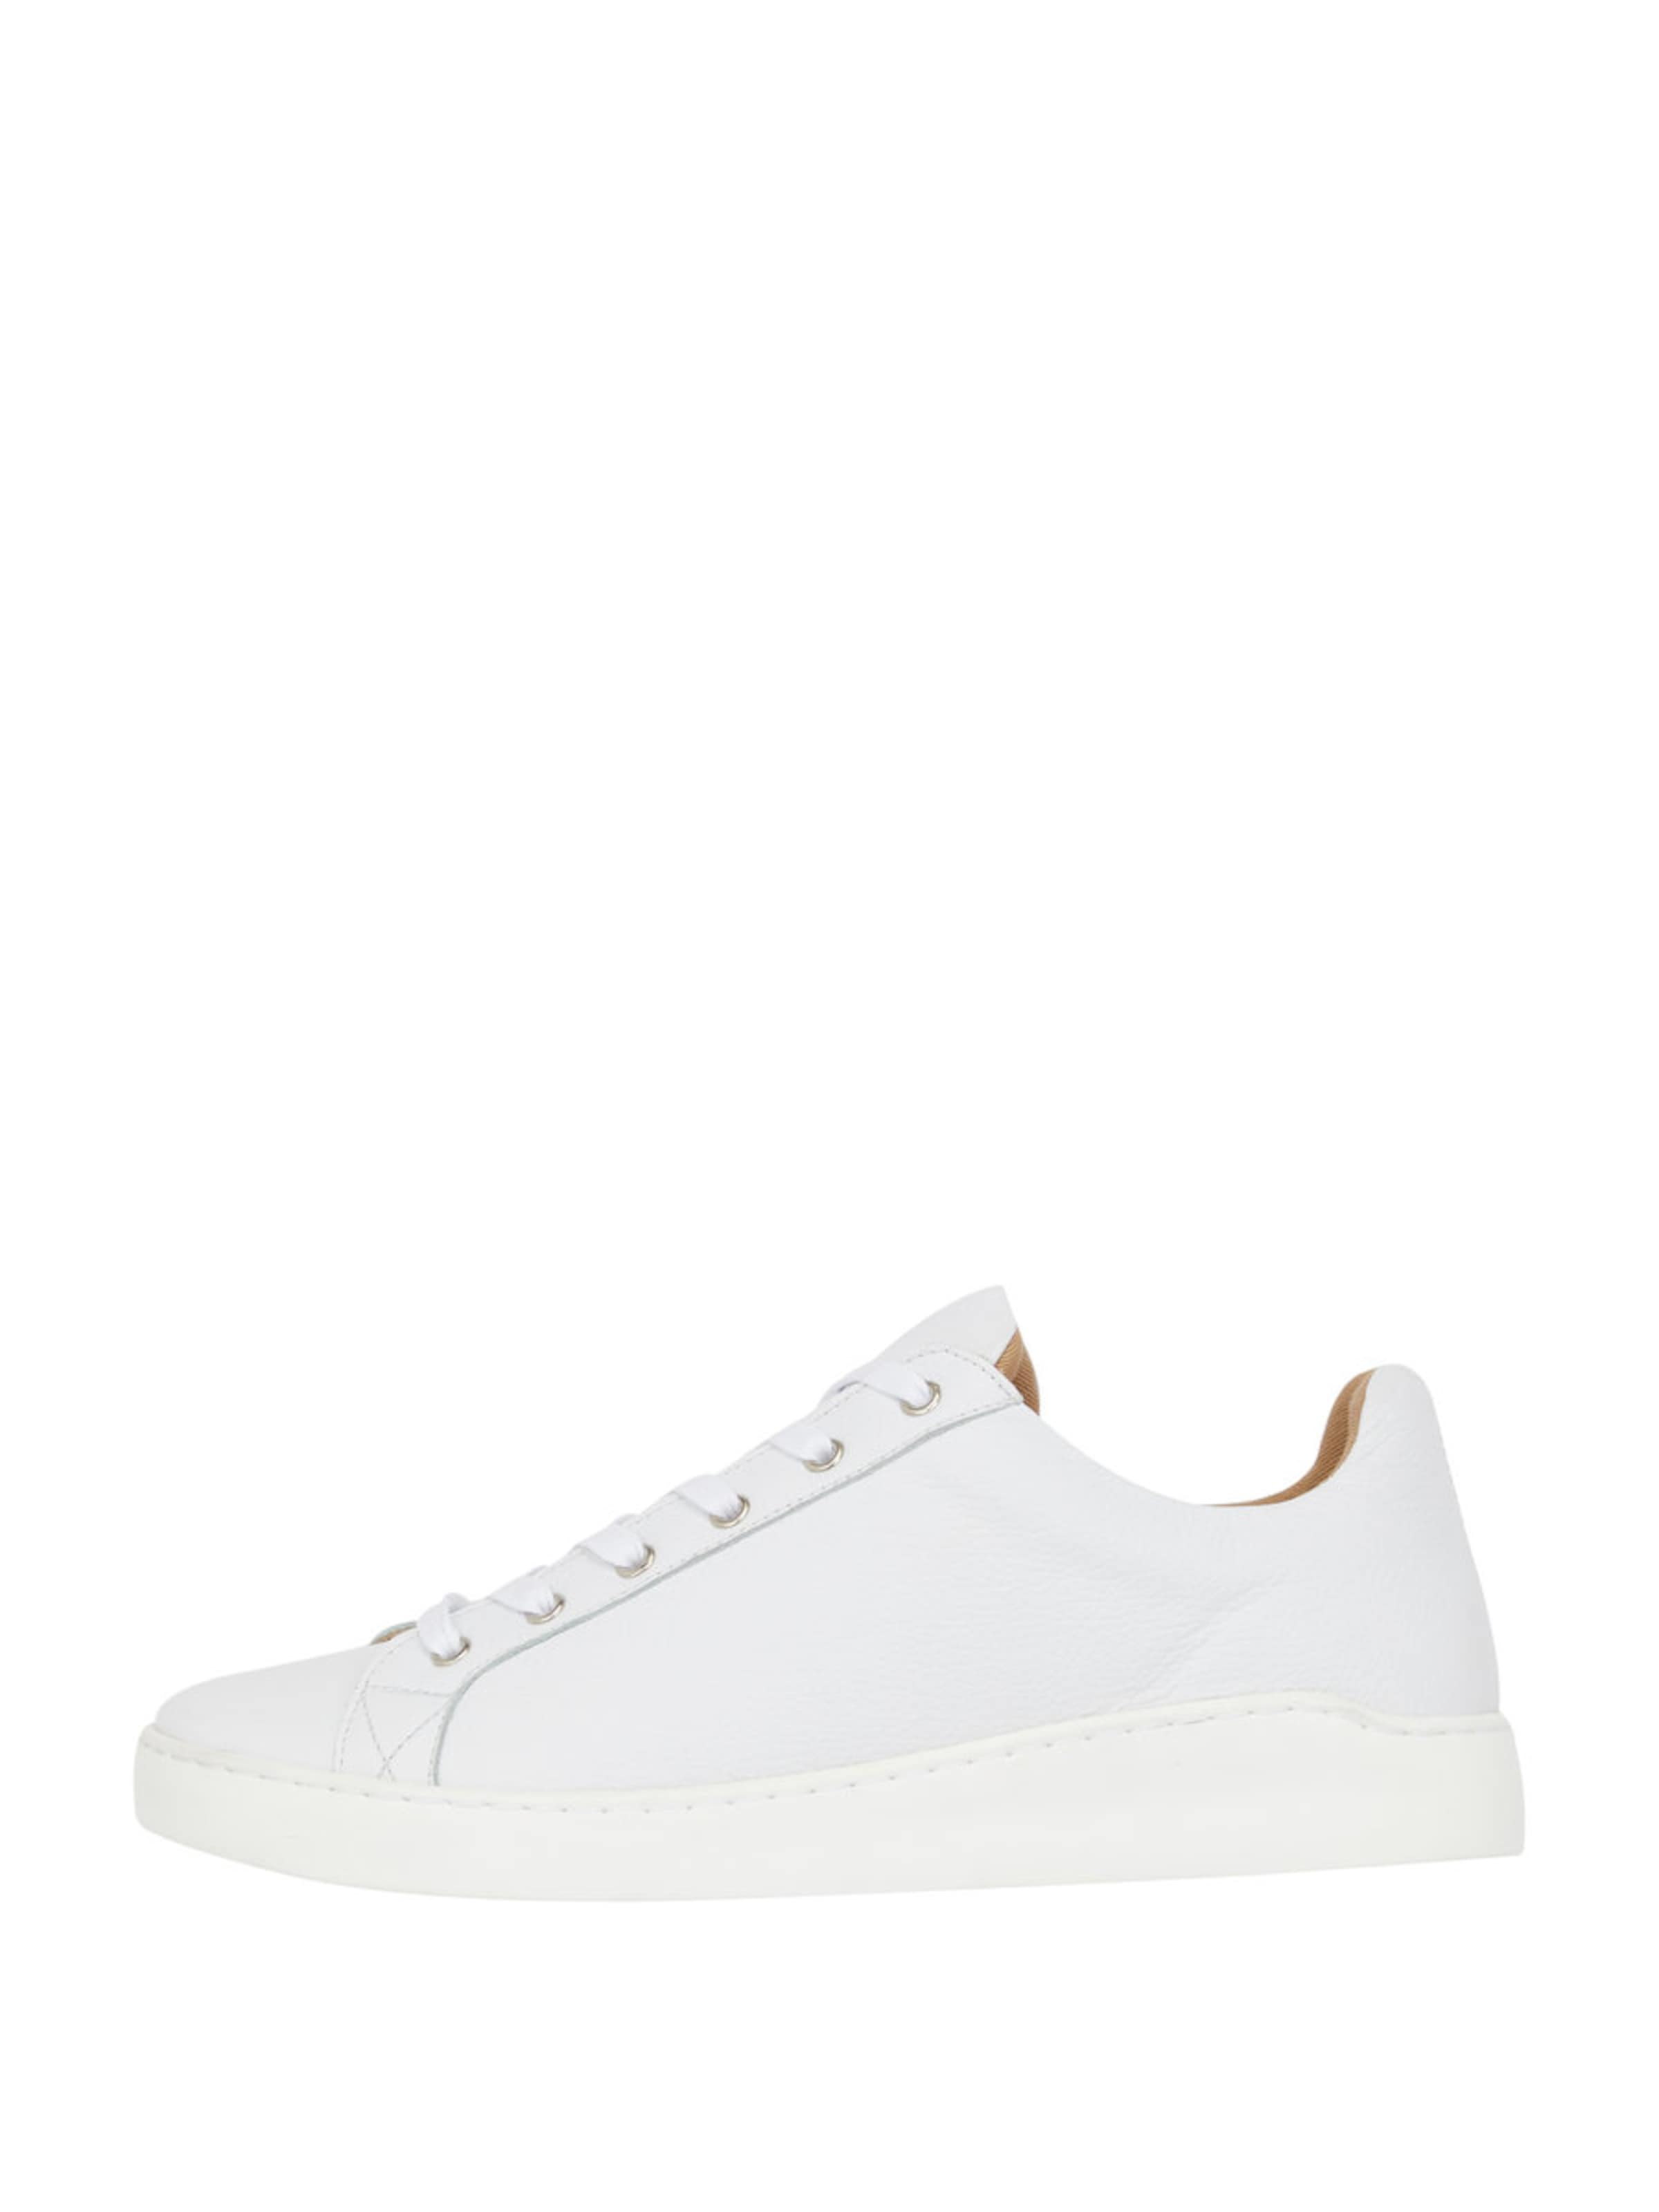 Bianco Sneaker Verschleißfeste billige Schuhe Hohe Qualität